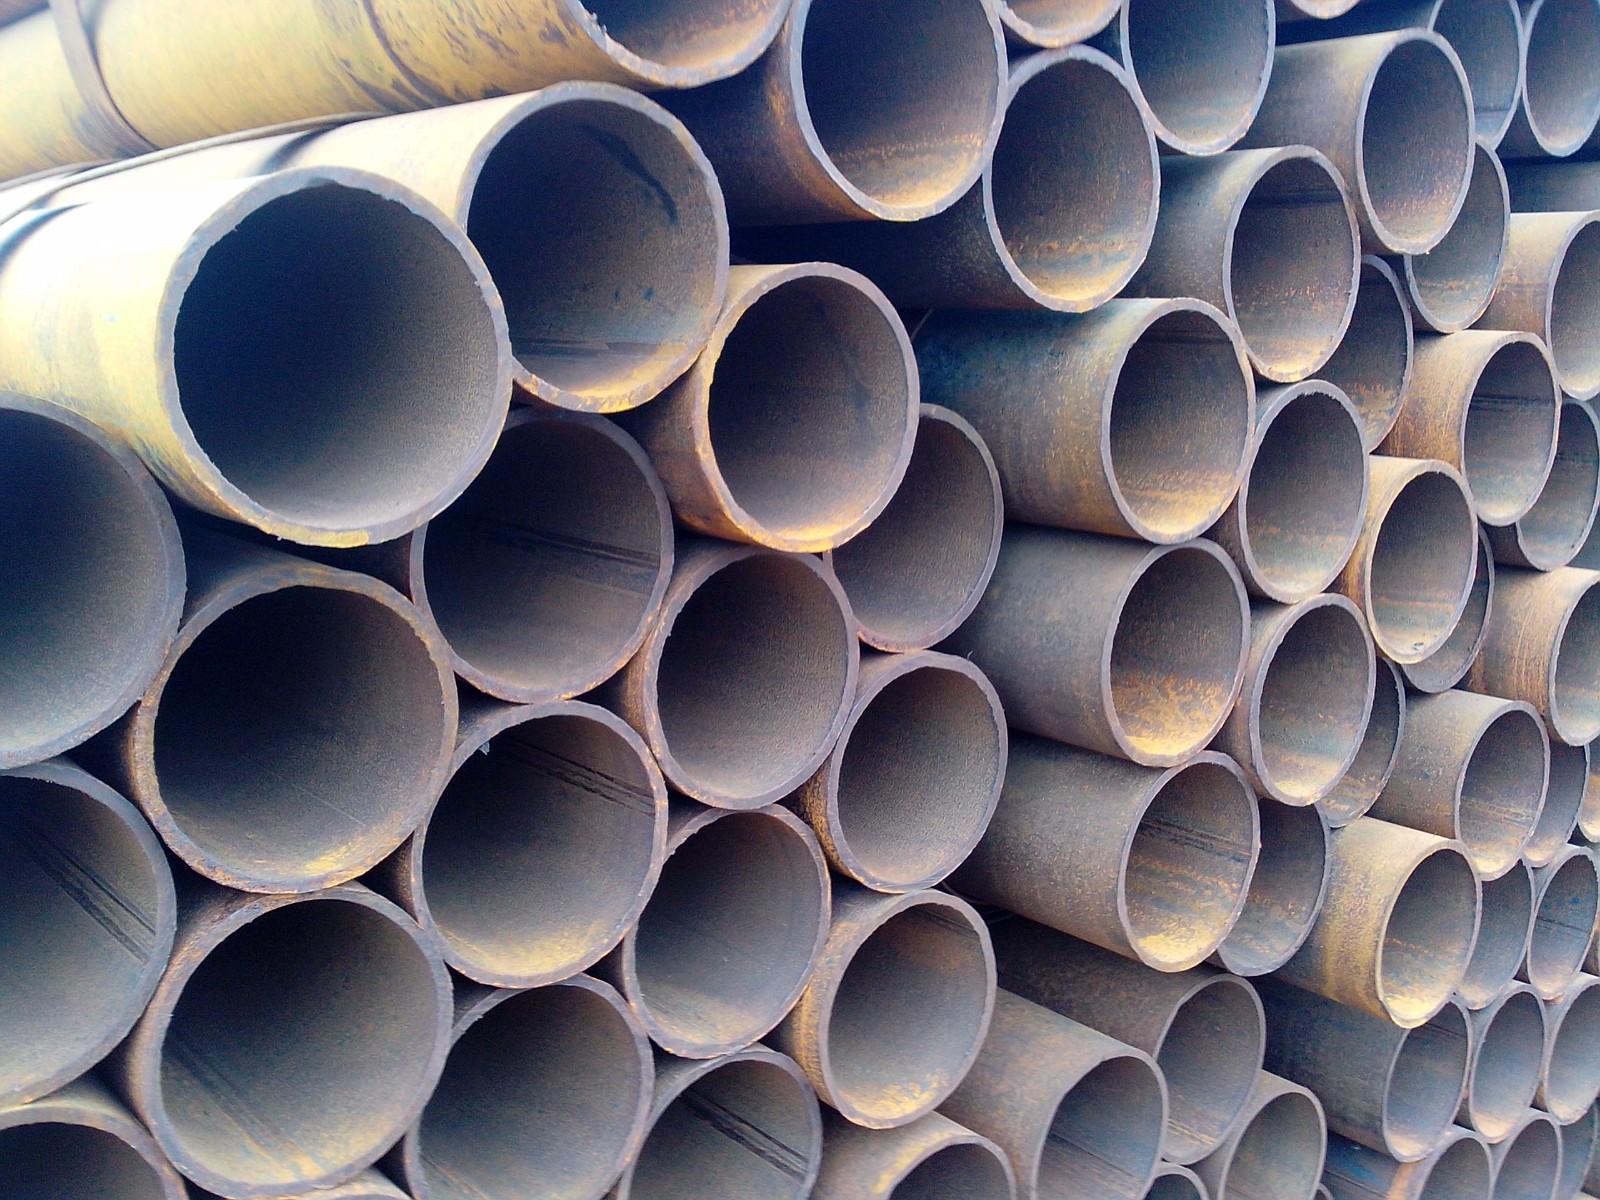 小口徑直縫鋼管|直縫鋼管系列-滄州市鑫宜達鋼管集團股份有限公司.